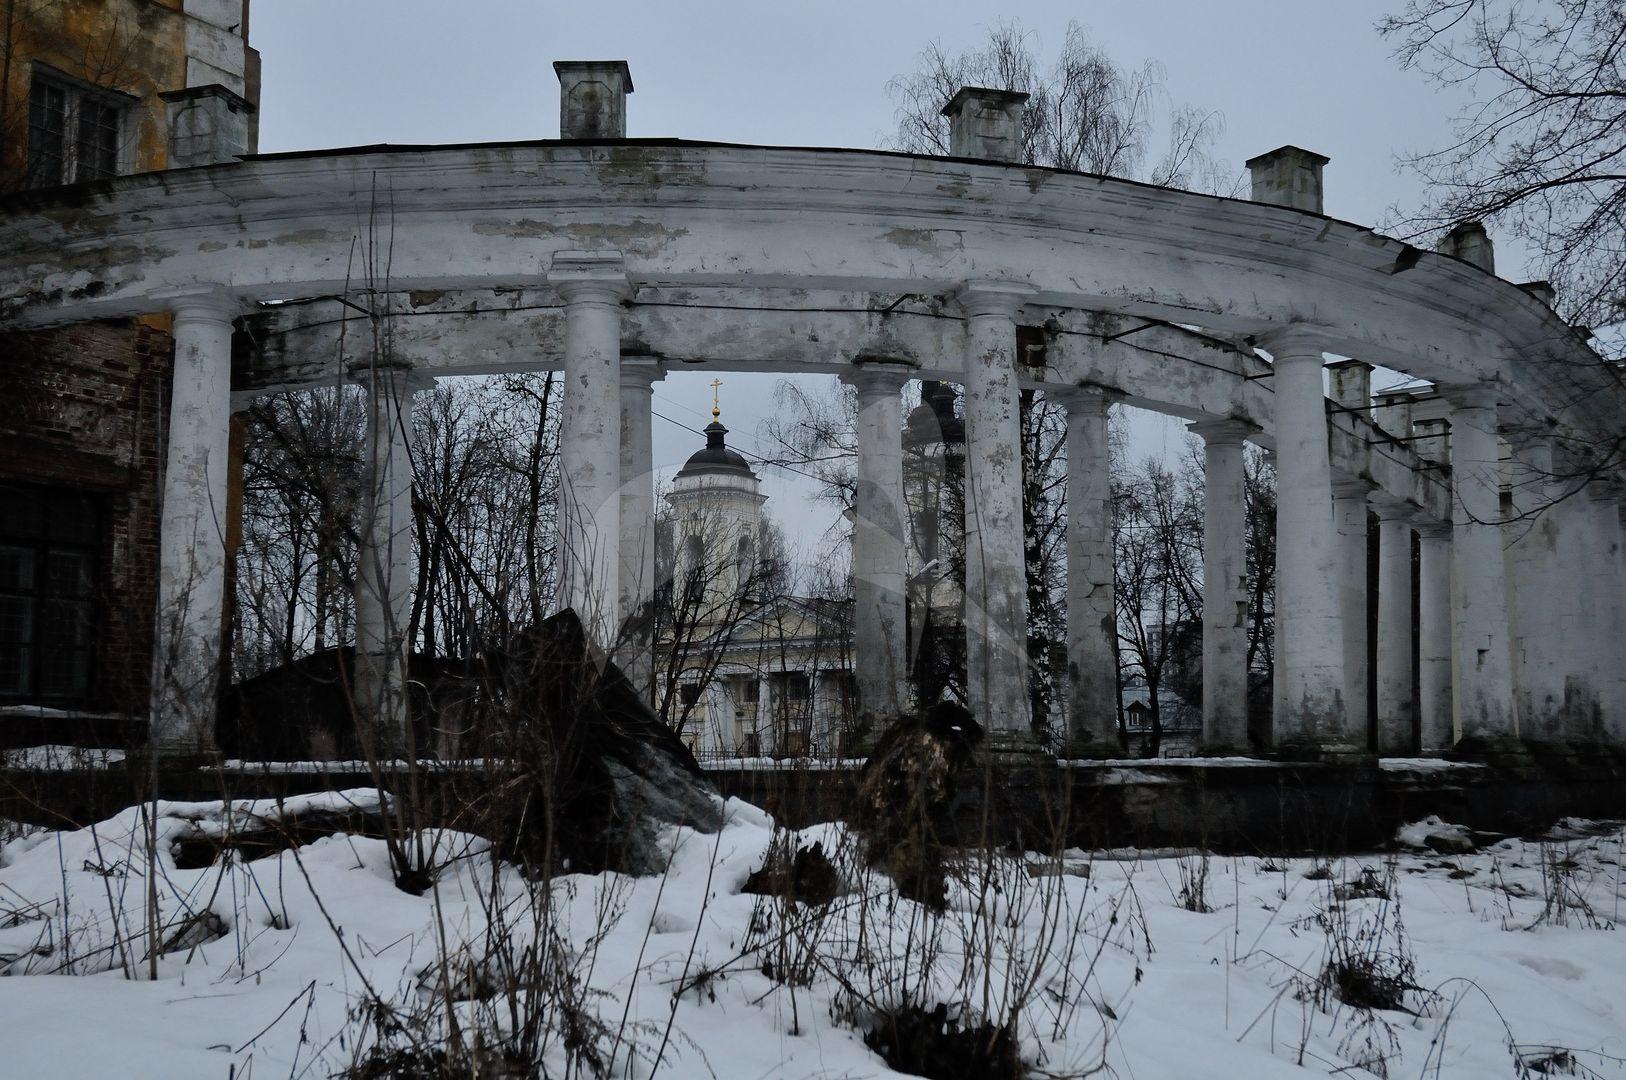 Галерея-колоннада, усадьба Пехра-Яковлевская